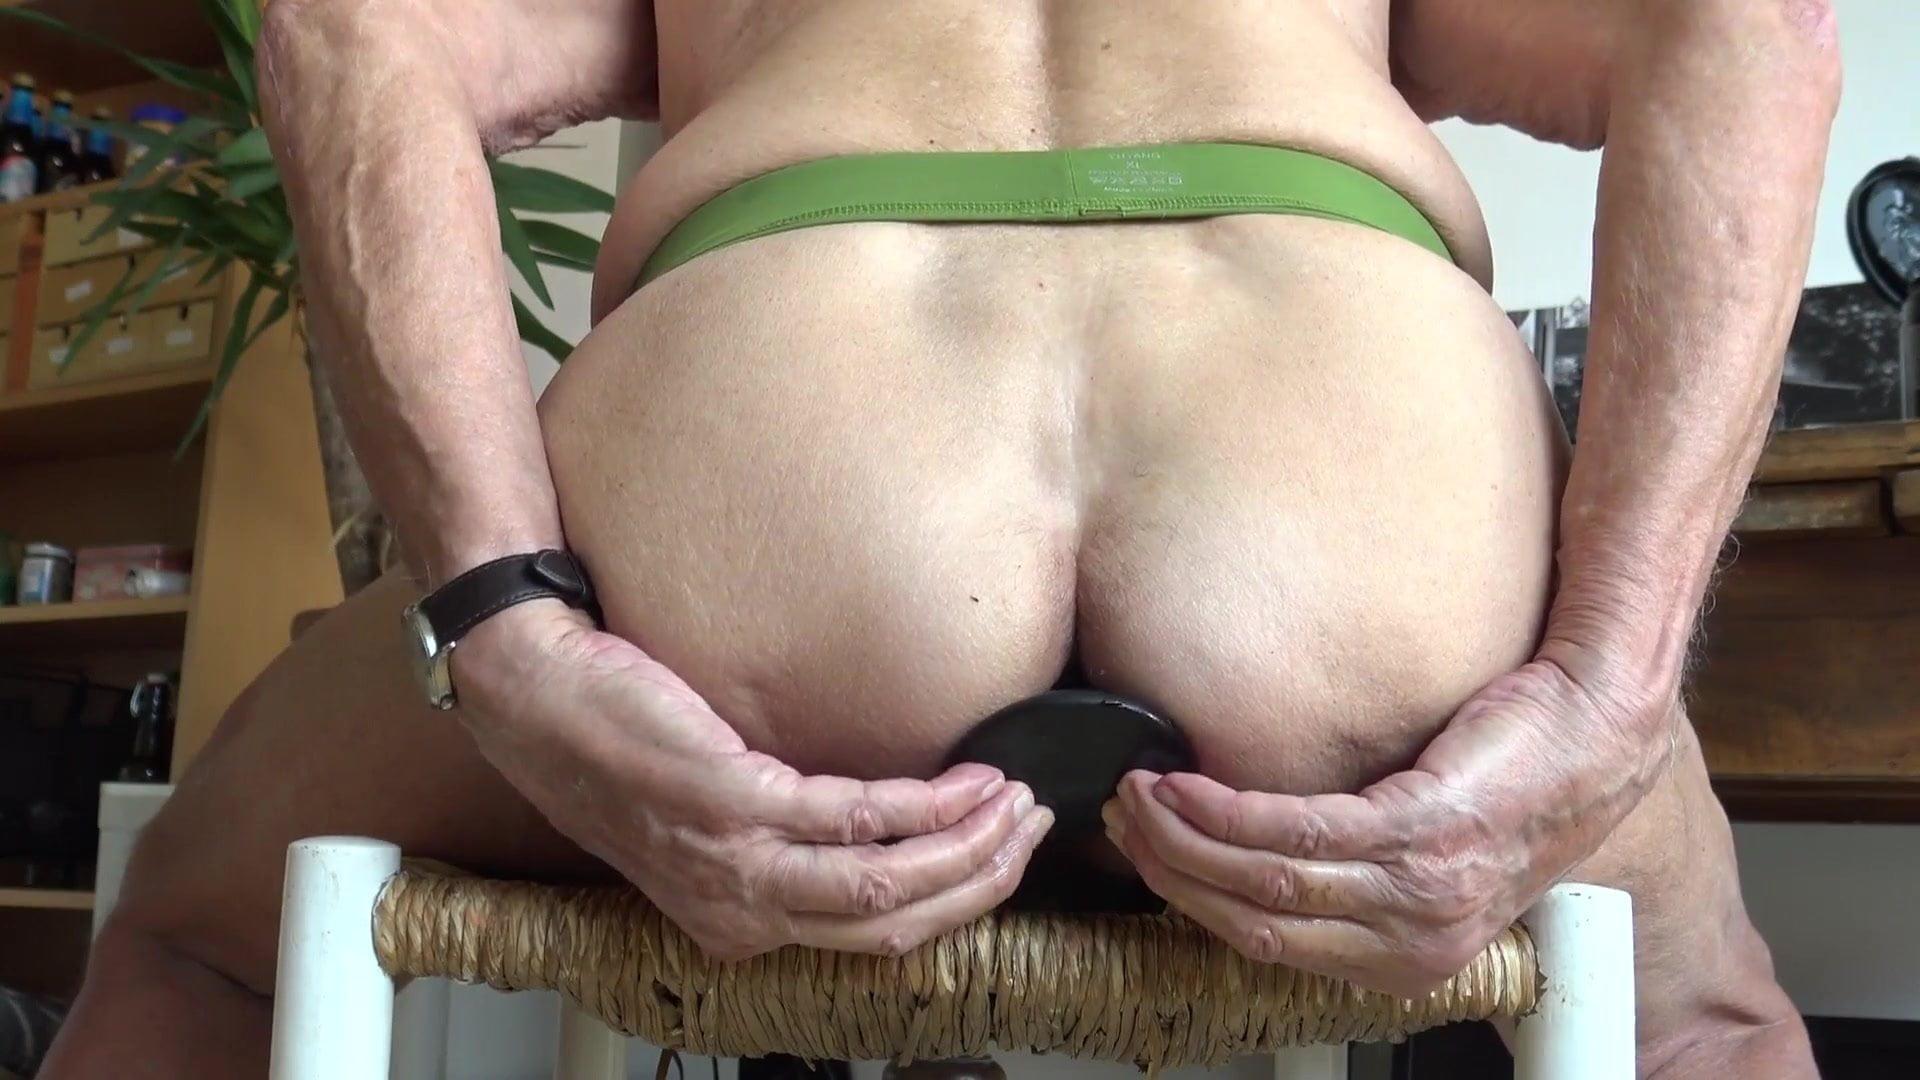 Watch ass stretcher video 6